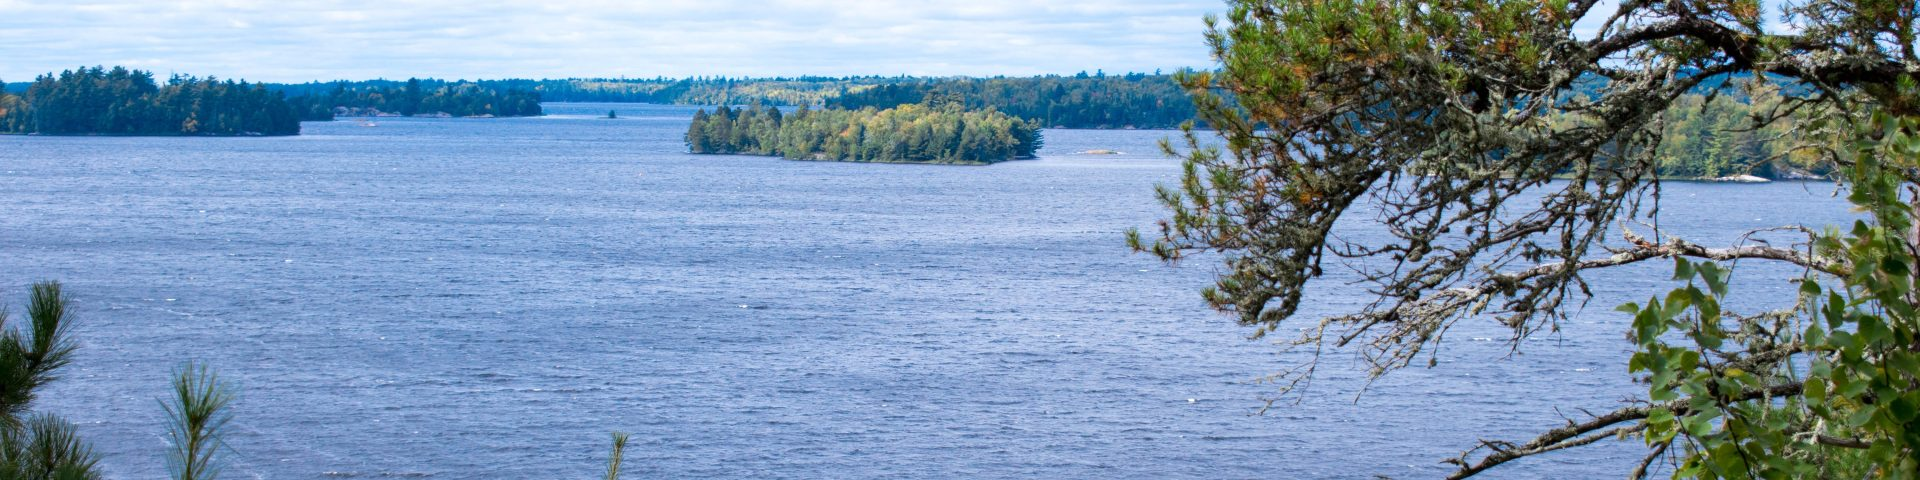 Kabetogama Lake